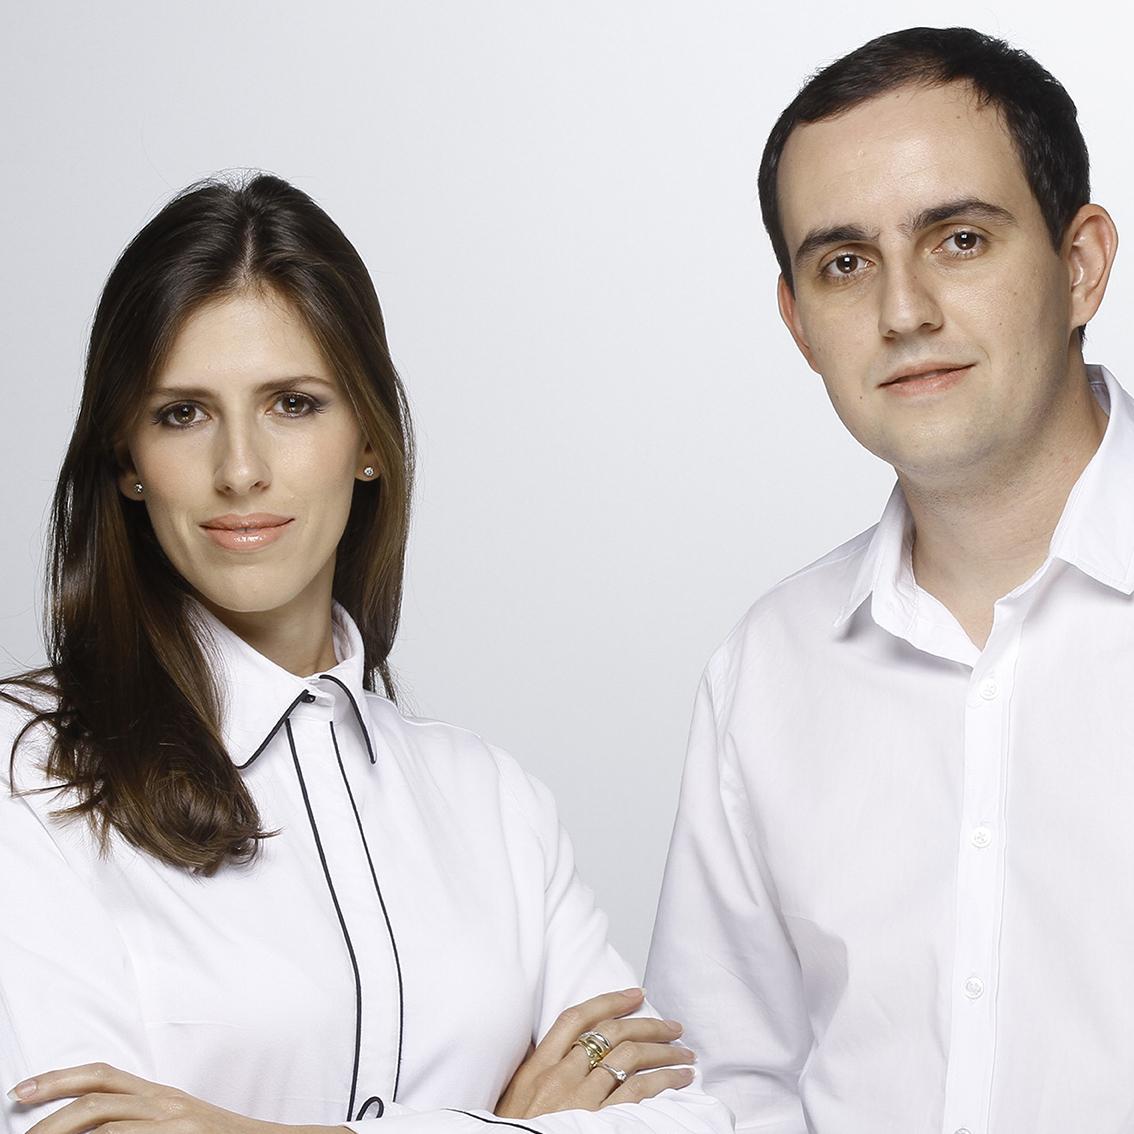 Entrevista com Juliana Vasconcellos e Carlos Maia